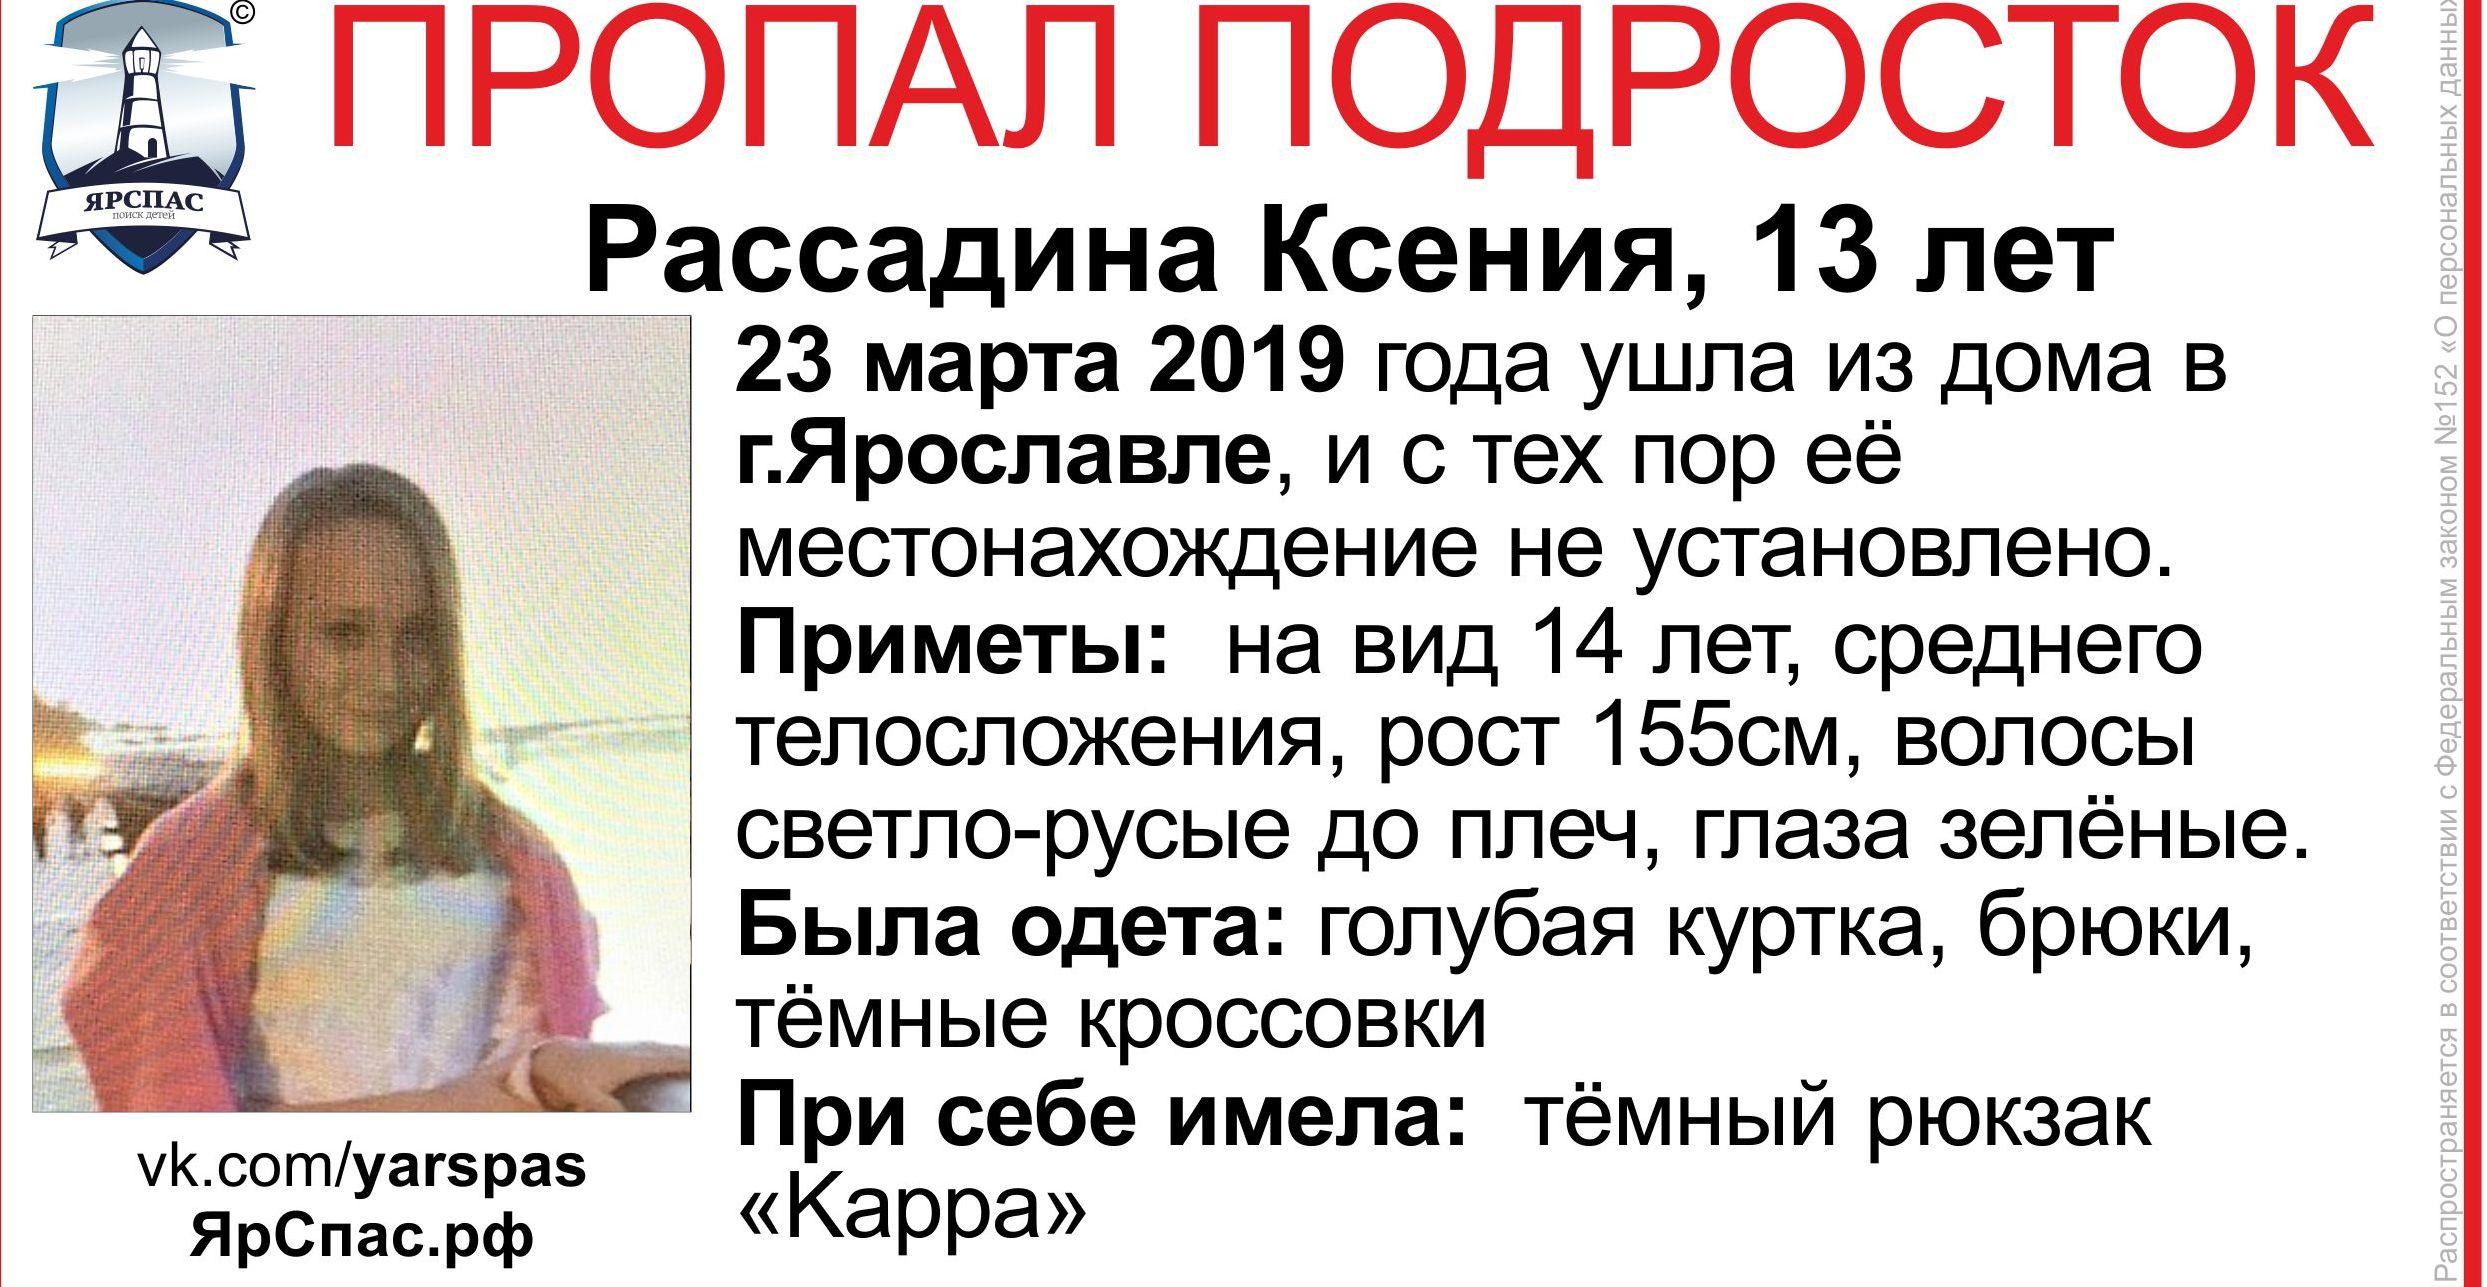 В Ярославле четвертые сутки разыскивают 13-летнюю девочку